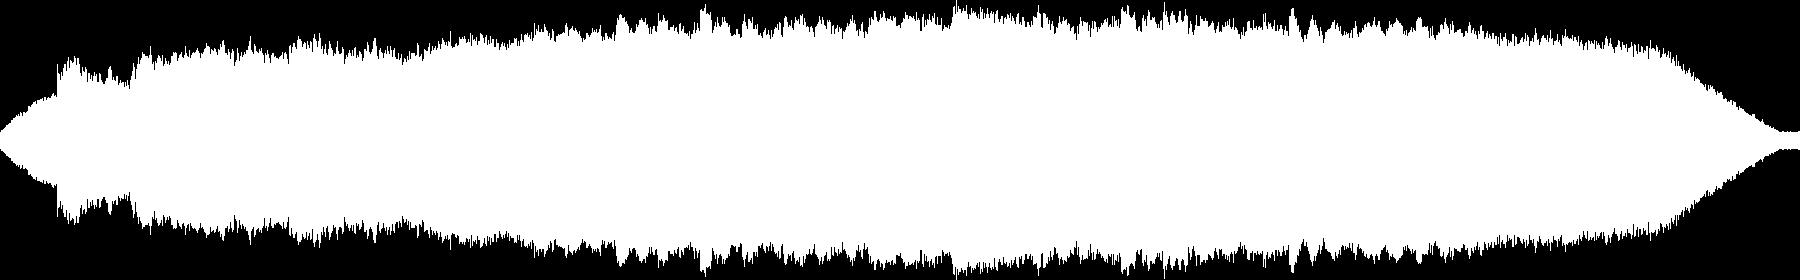 Luftrum 19 audio waveform